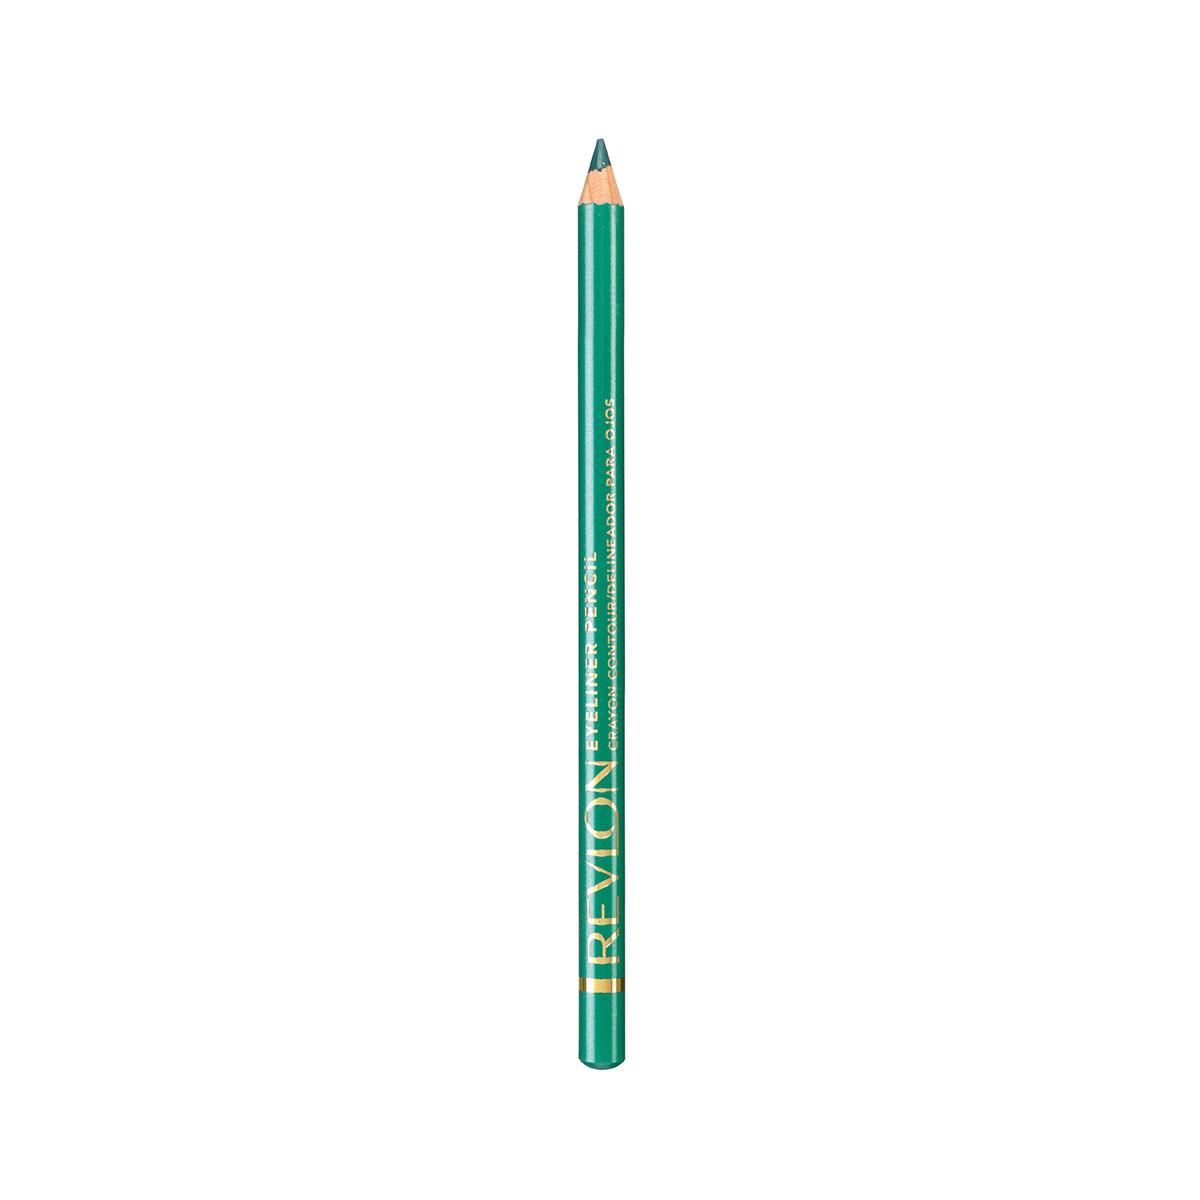 Revlon Карандаш для Глаз Eyeliner Aquamarine 07 1 г5010777139655Классичесикй контурный карандаш с насыщенным цветом и интенсивной аппликацией. Скользит с лёгкостью карандаша и даёт цвет по интенсивности равный жидкому контуру. Прекрасно сохраняется на веках в течение дня.Нанести полностью на подвижное веко, на внутреннюю поверхность века или просто на линию роста ресниц по верхнему и/или нижнему веку.